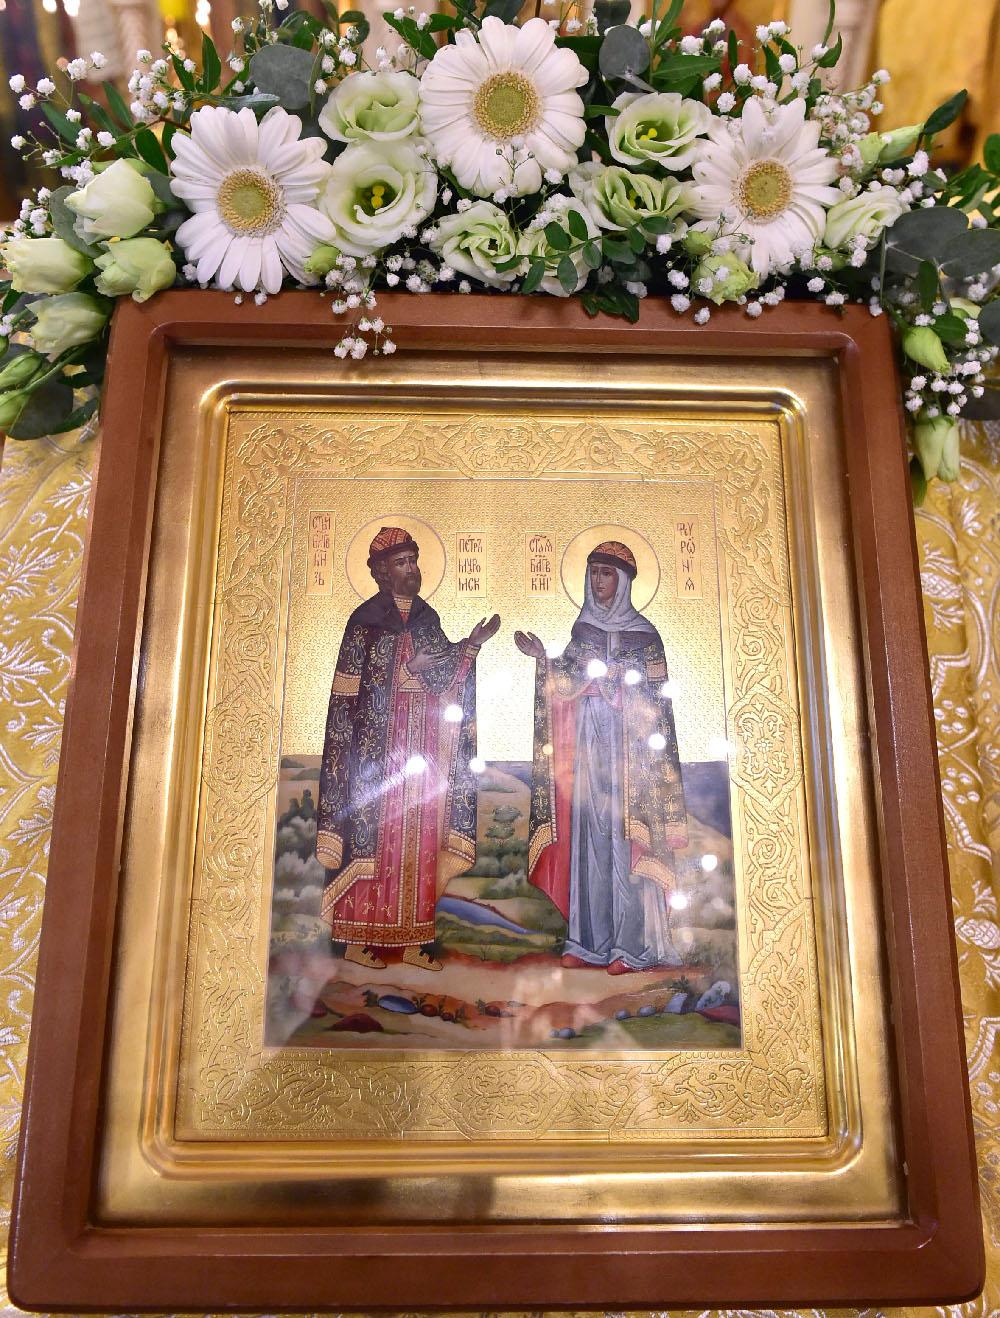 Престольный праздник обители в день перенесения мощей благоверных князя Петра и княгини Февронии Муромских чудотворцев